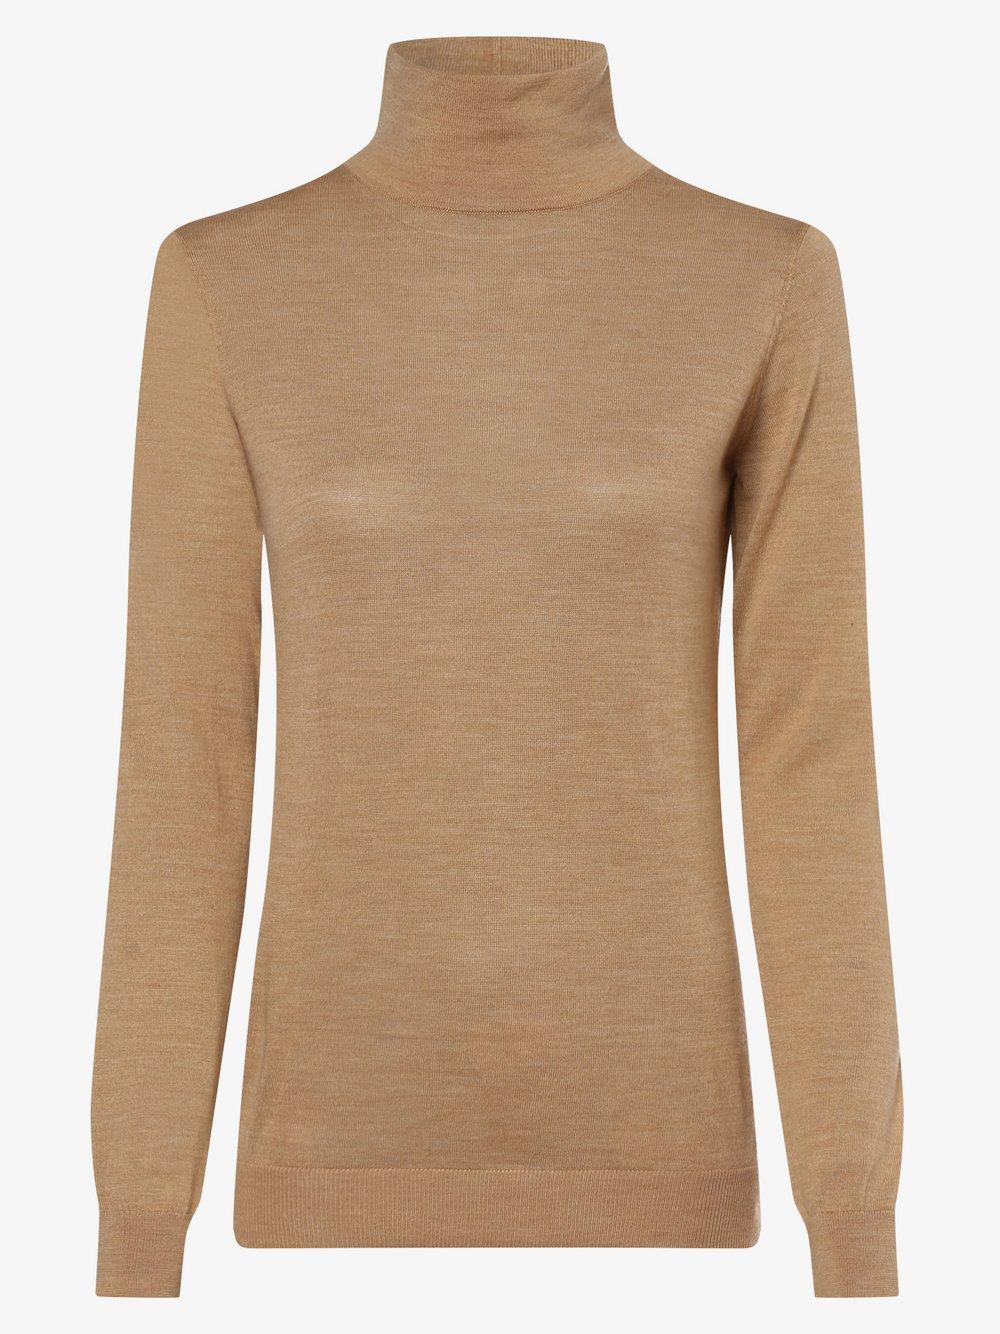 0039 Italy – Sweter damski – Whiley, beżowy Van Graaf 486066-0002-09920